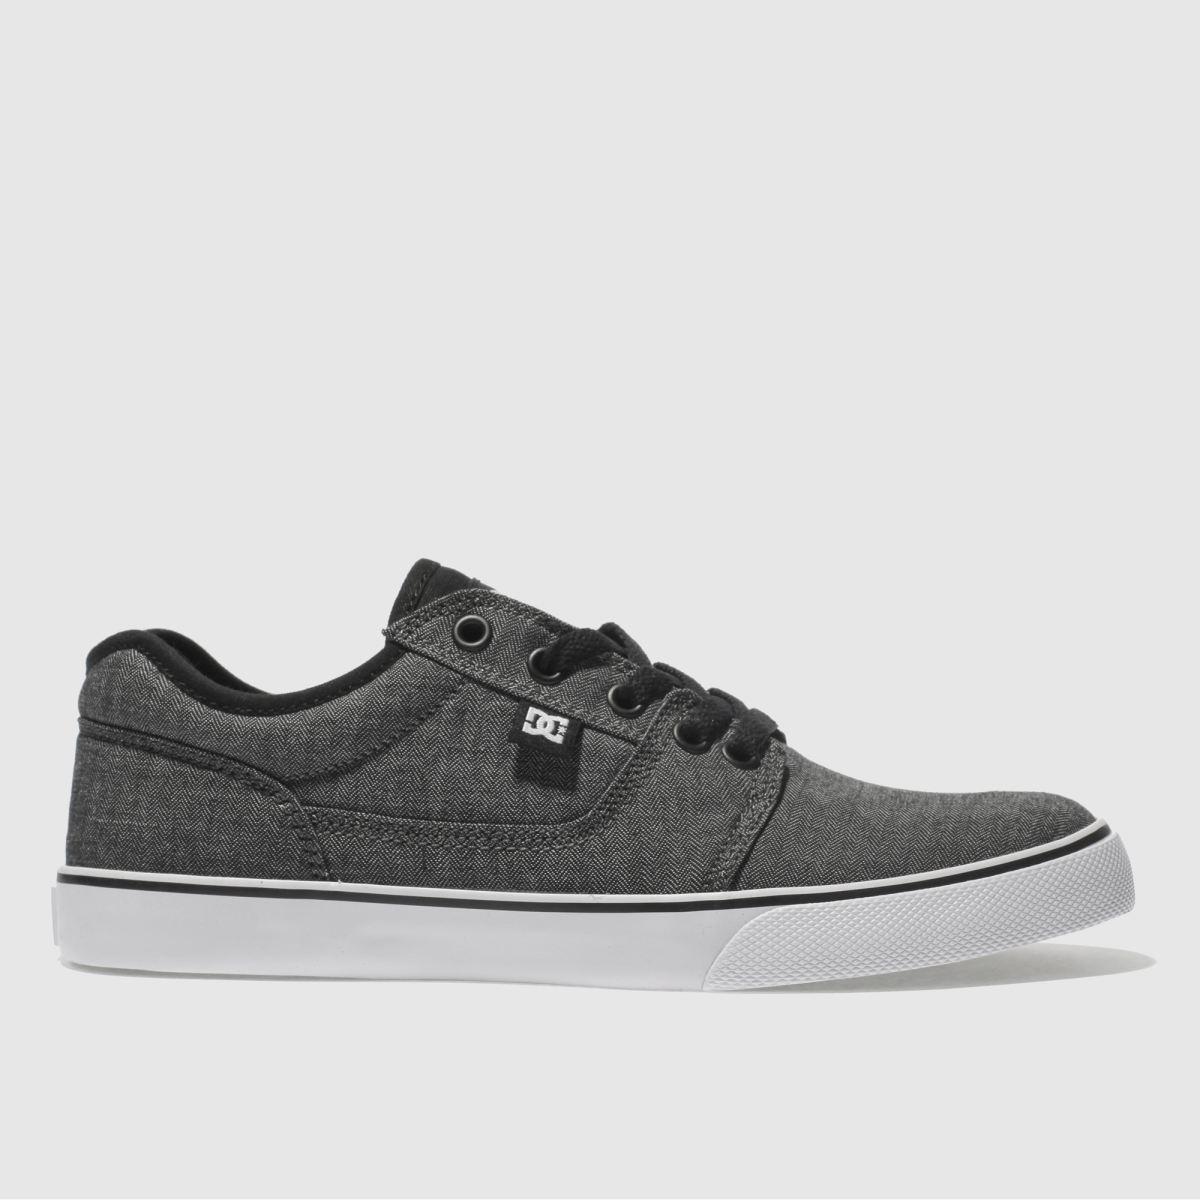 dc shoes Dc Shoes Black & Grey Tonik Se Trainers